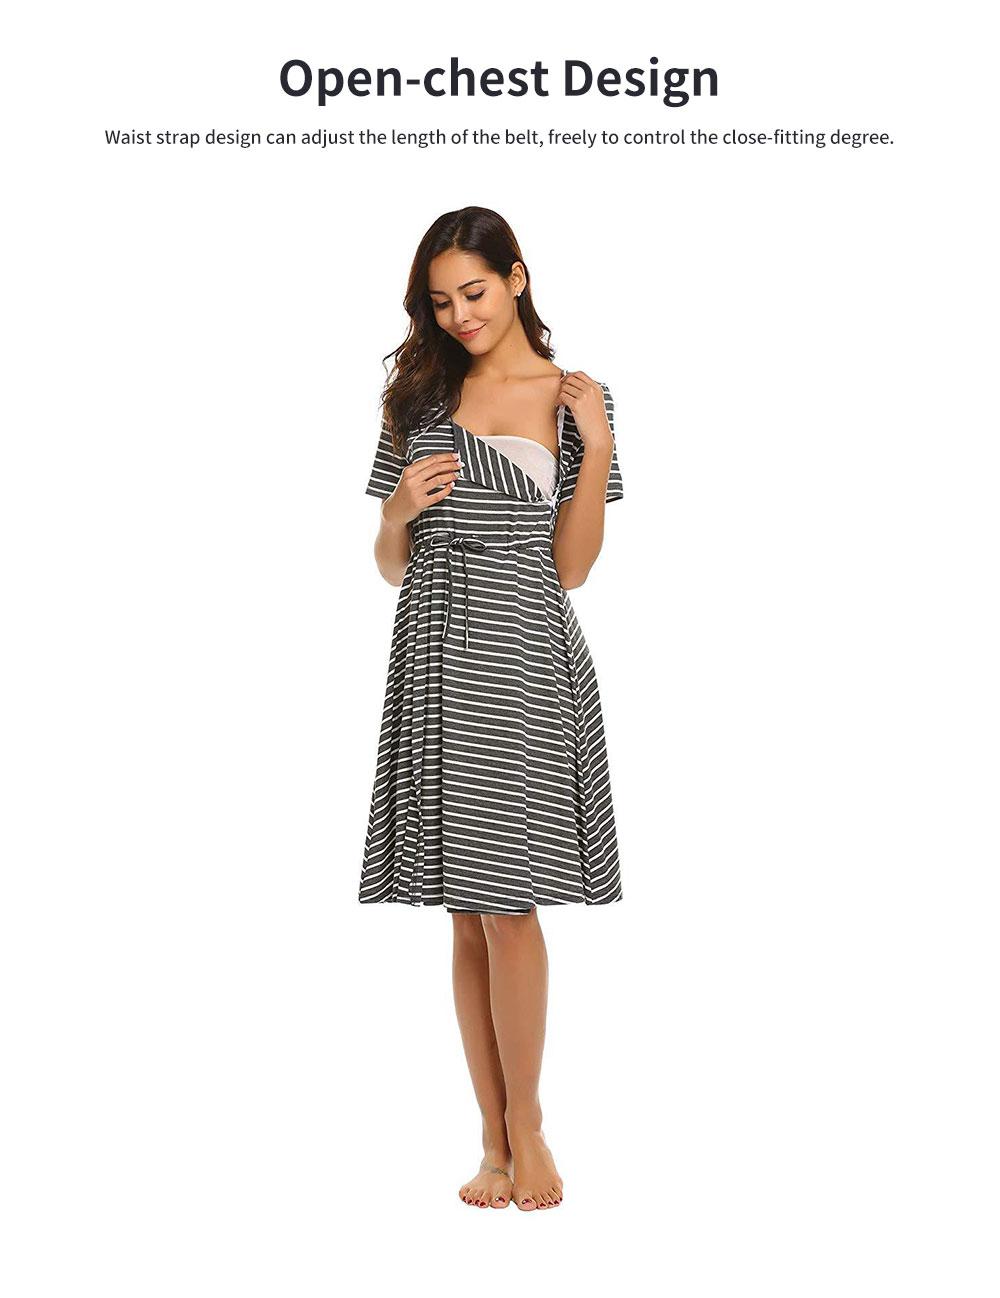 Fashionable Striped Skirt for Pregnant Women Short Sleeves Dress for Breast-feeding 1